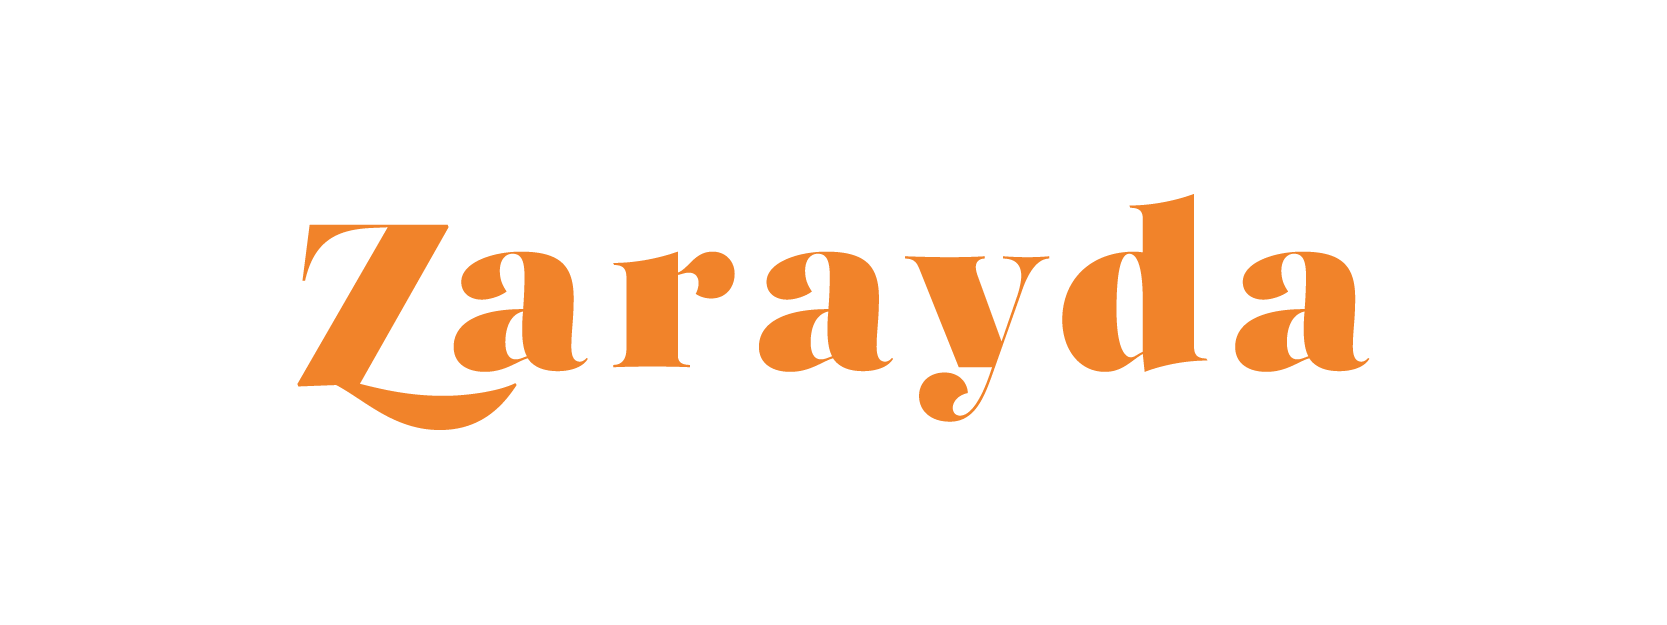 Zarayda